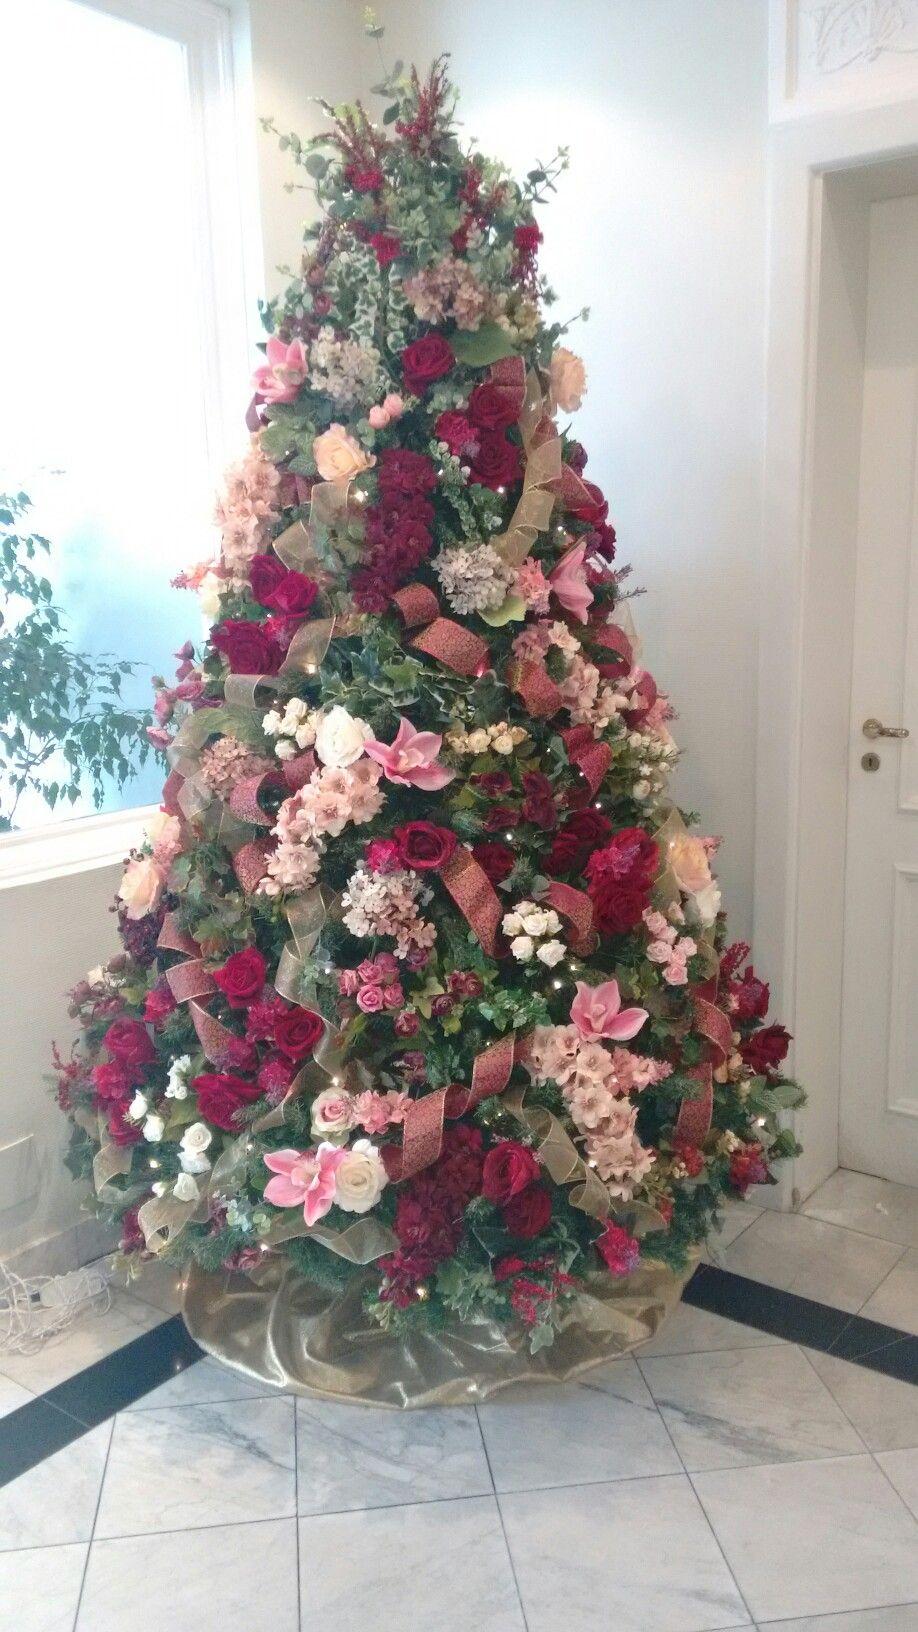 Arvore De Natal Decorada Com Flores Em Tons De Vinho E Rosa